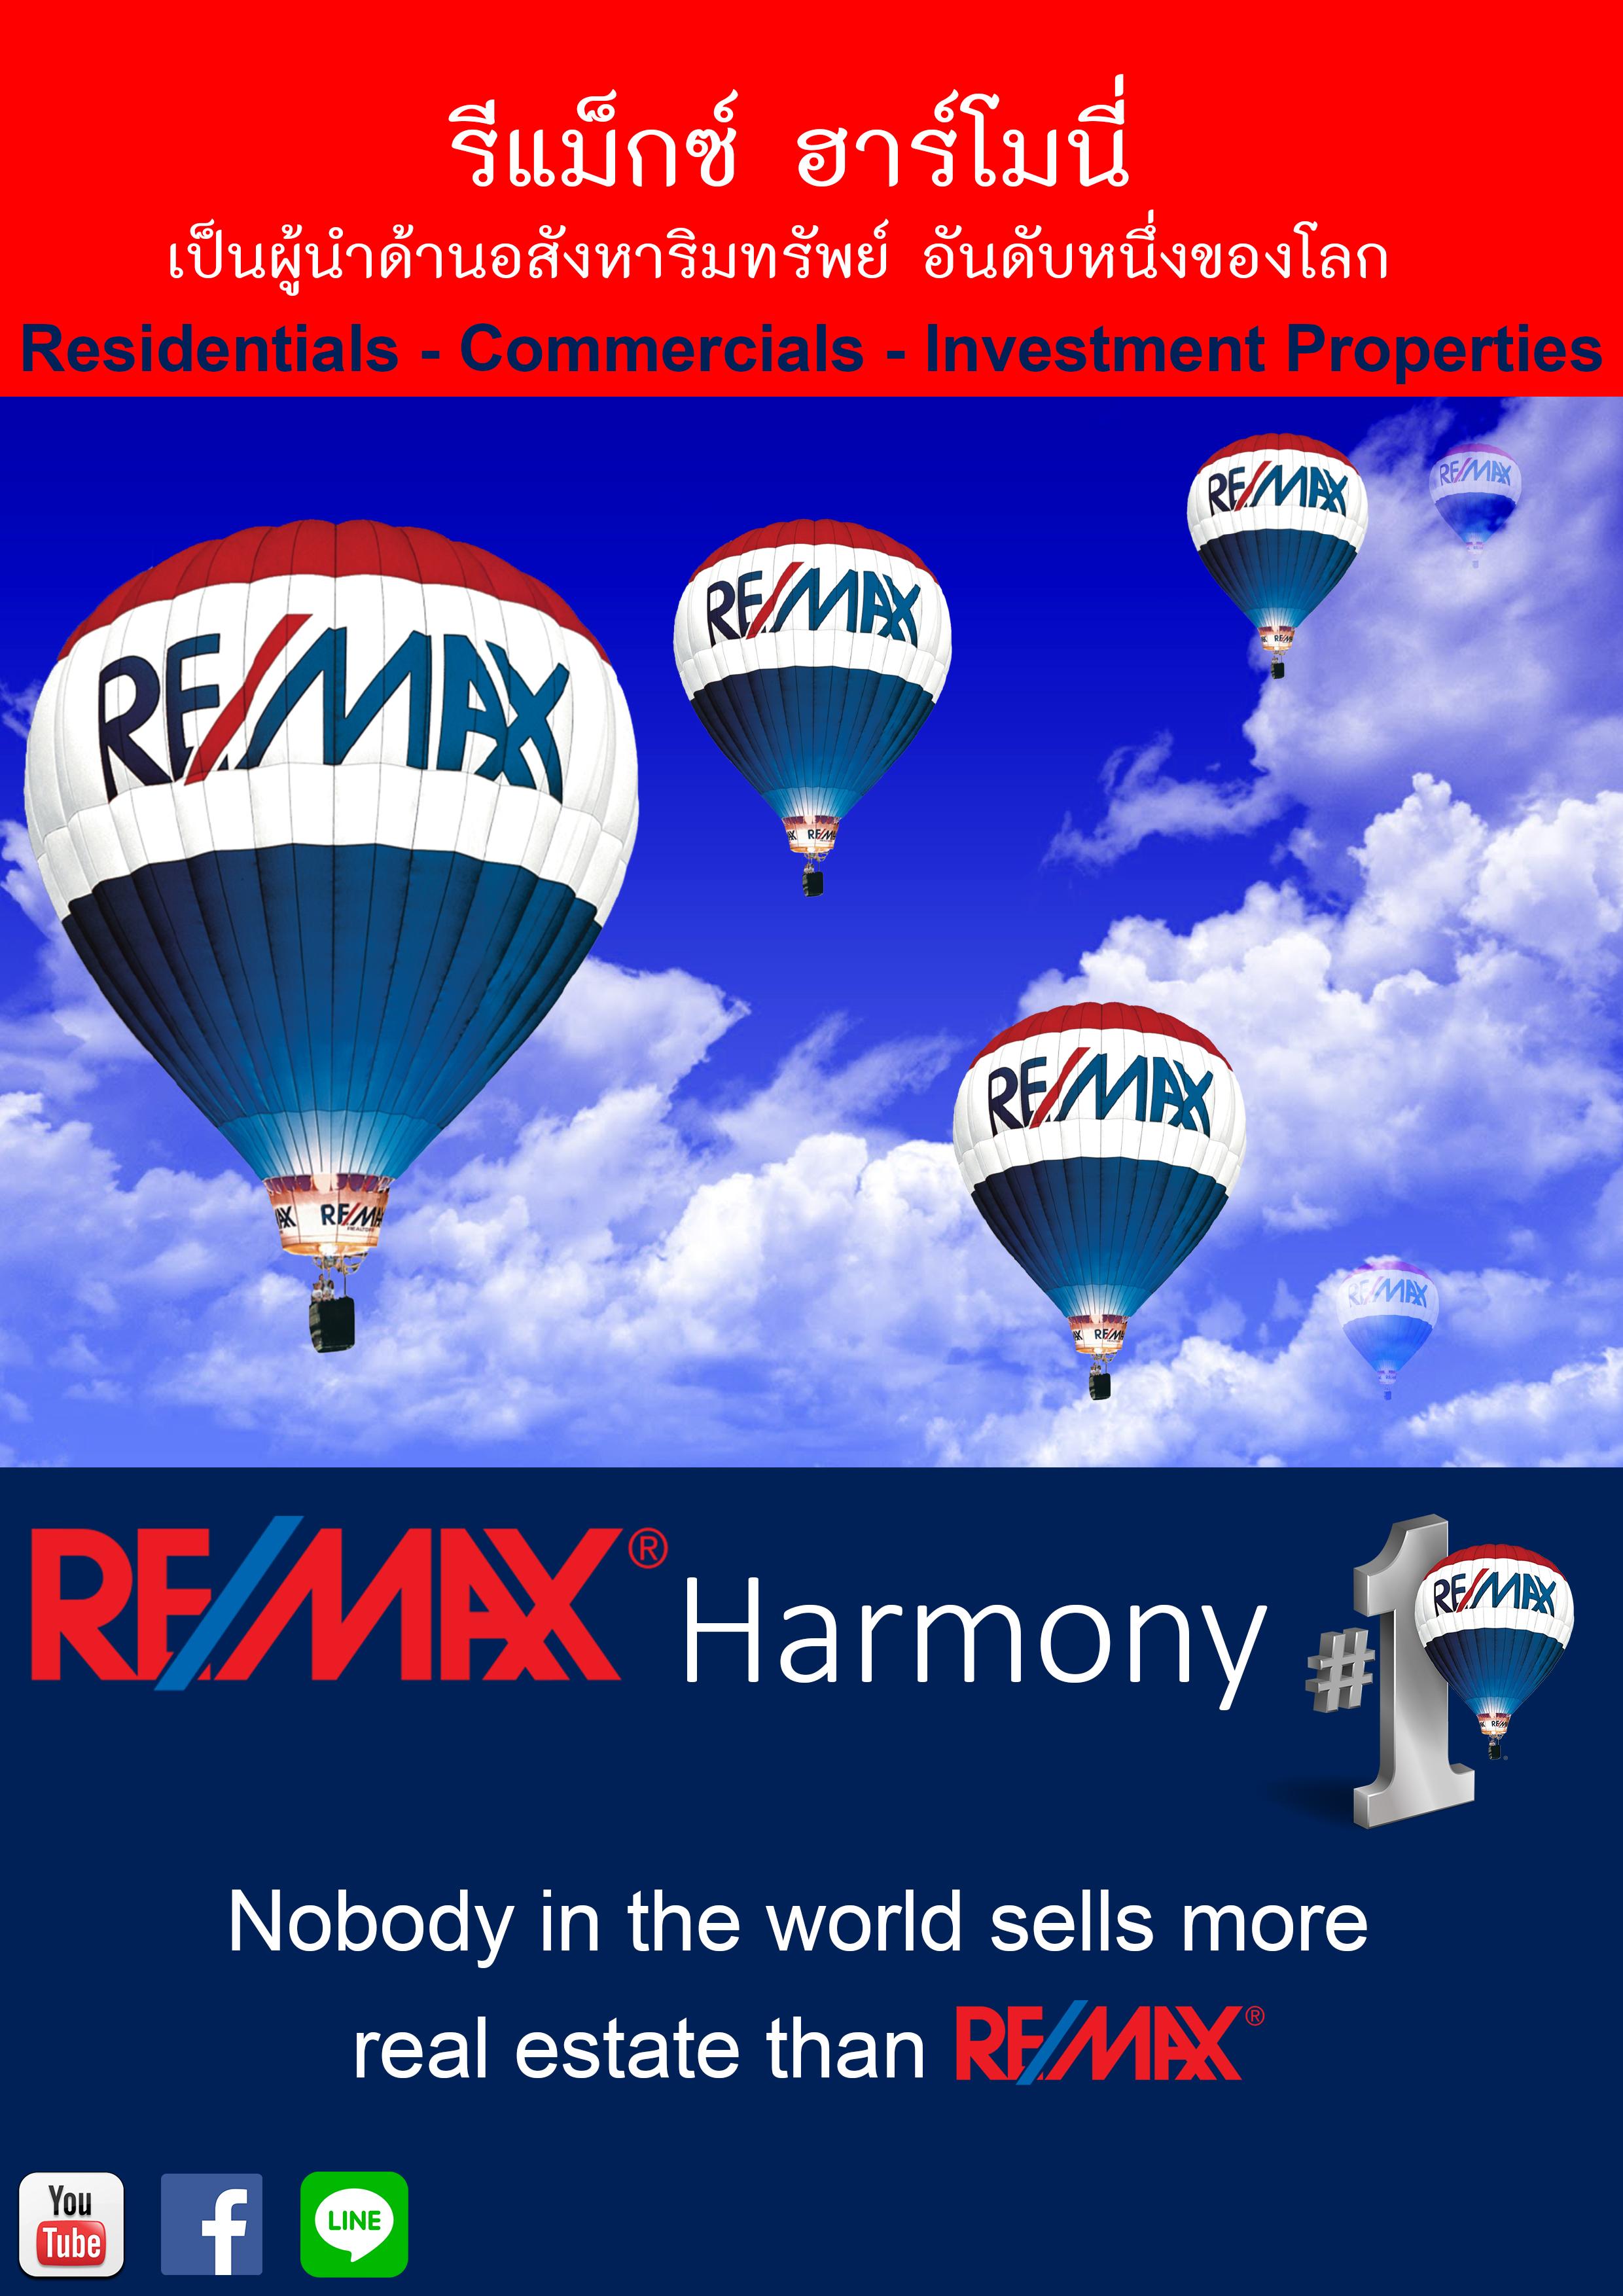 RE/MAX Harmony logo